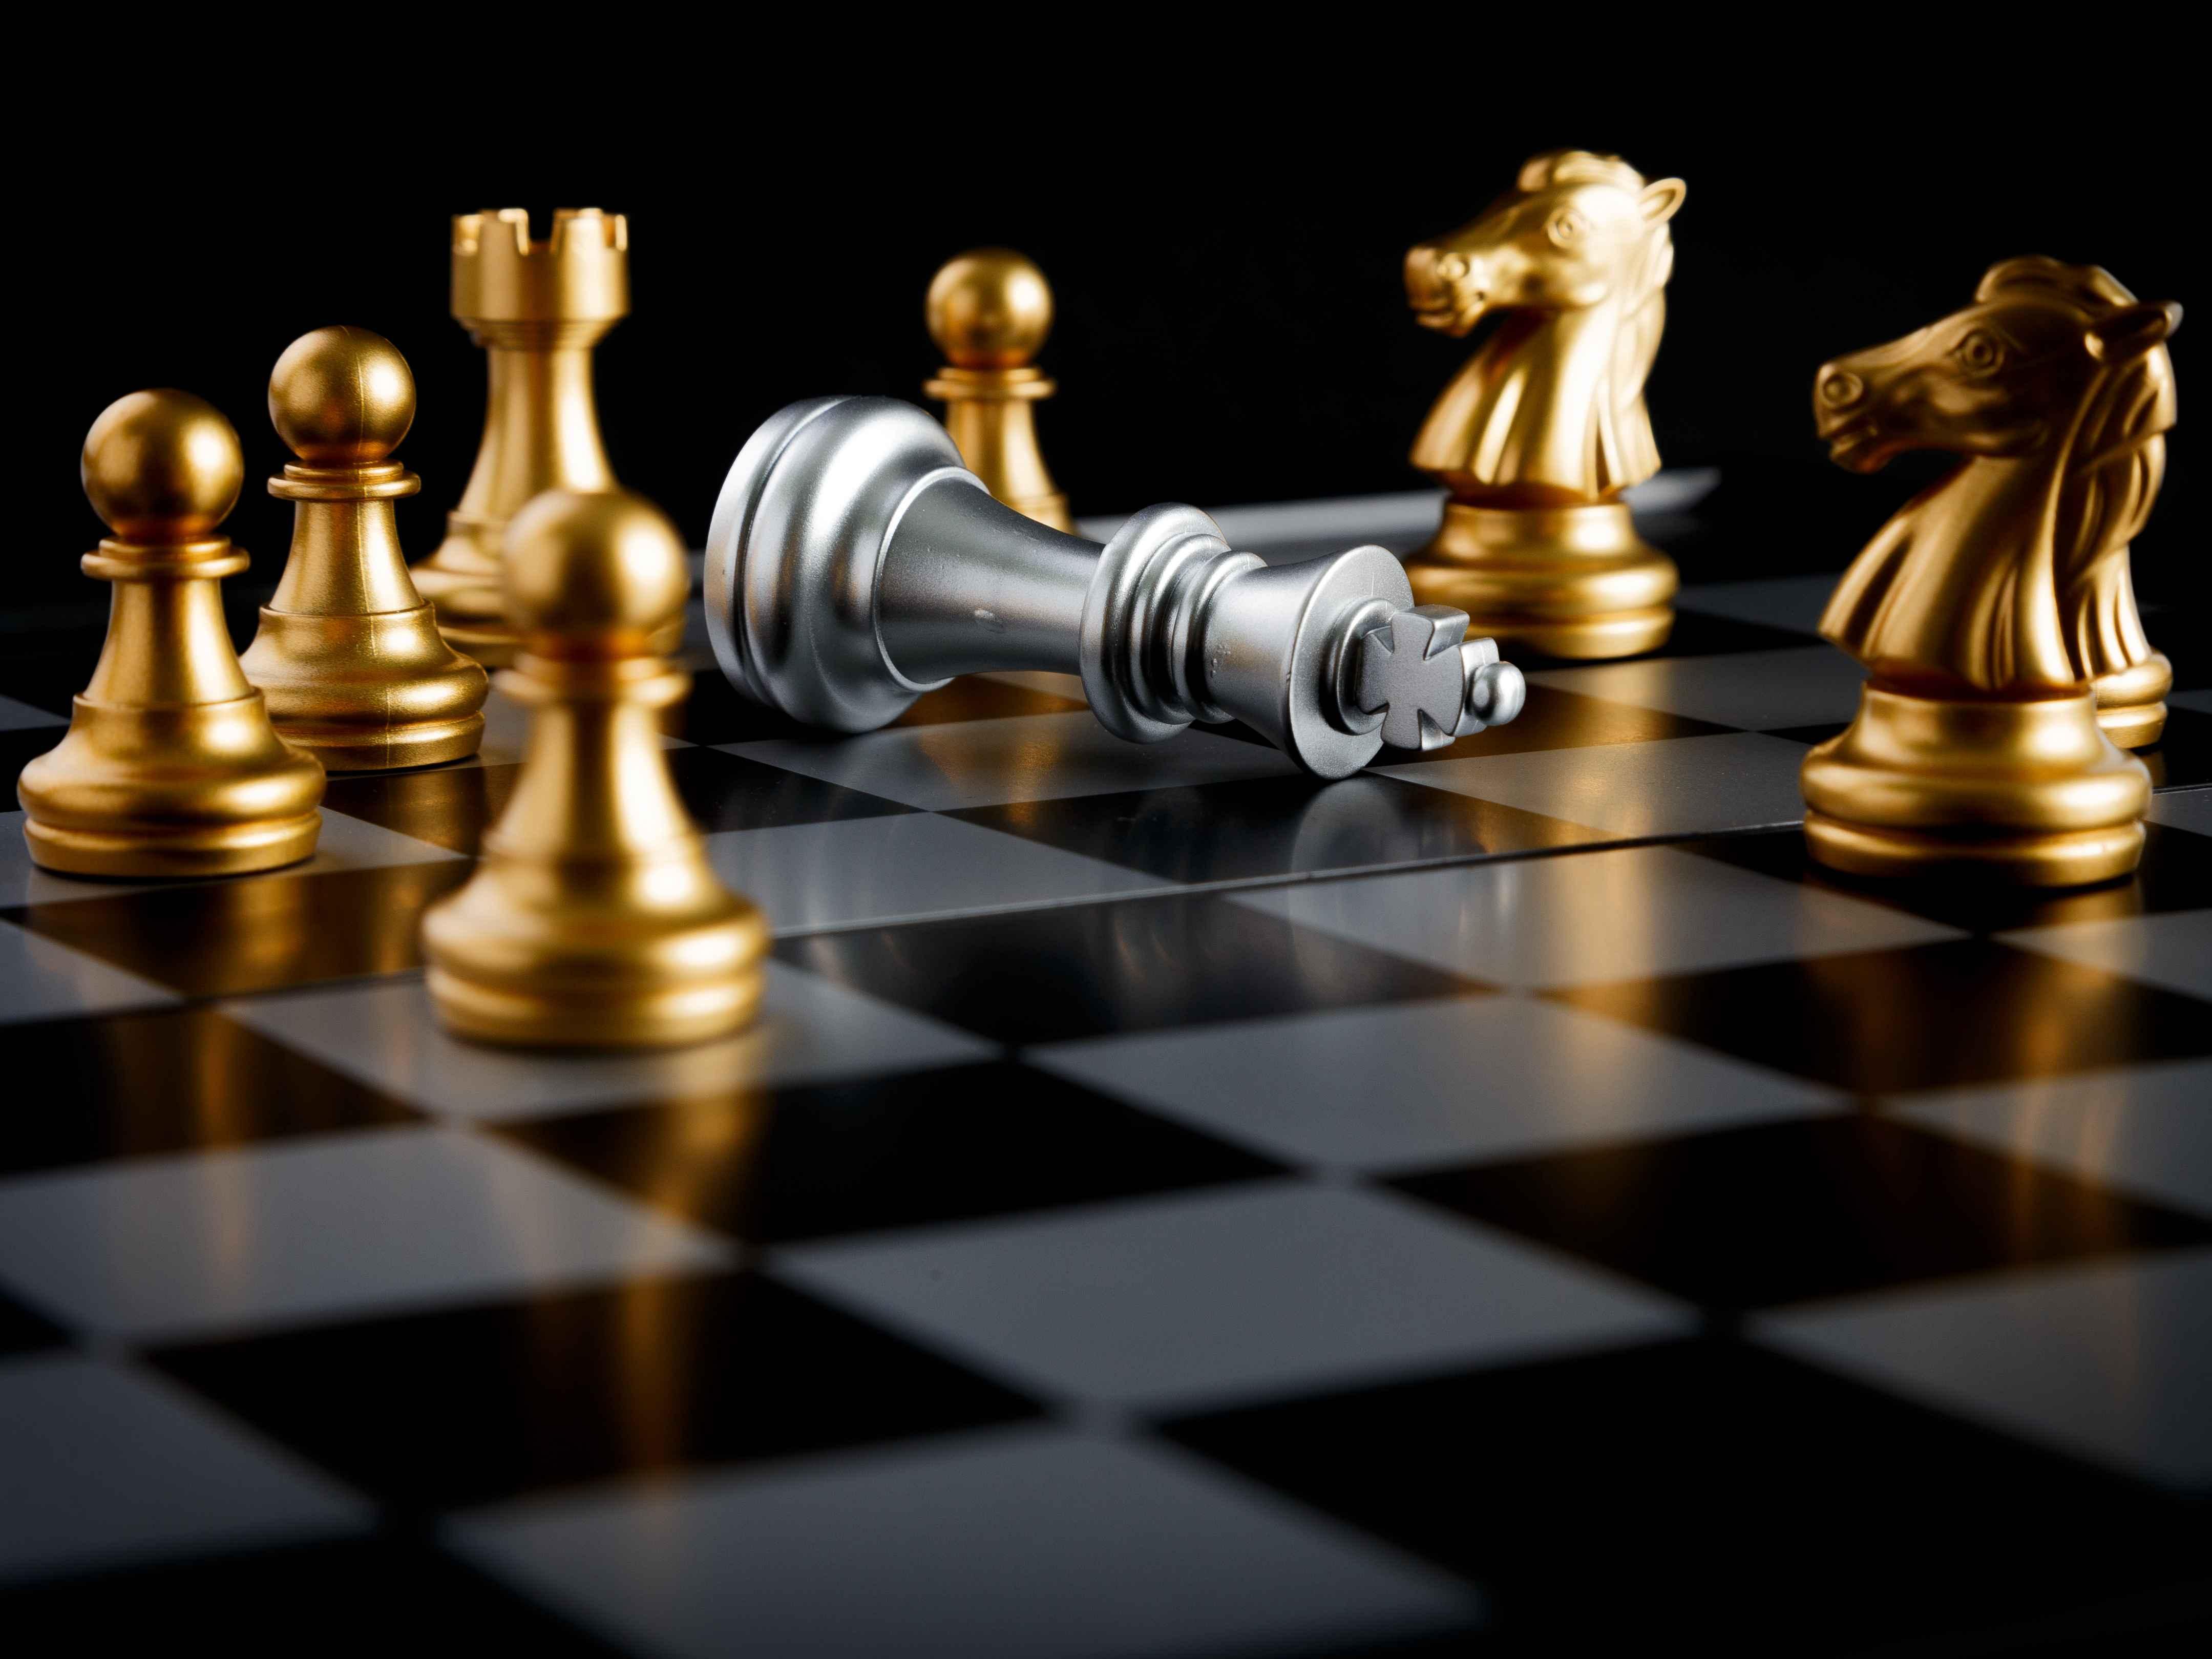 徐朝华:企业成长与战略突围